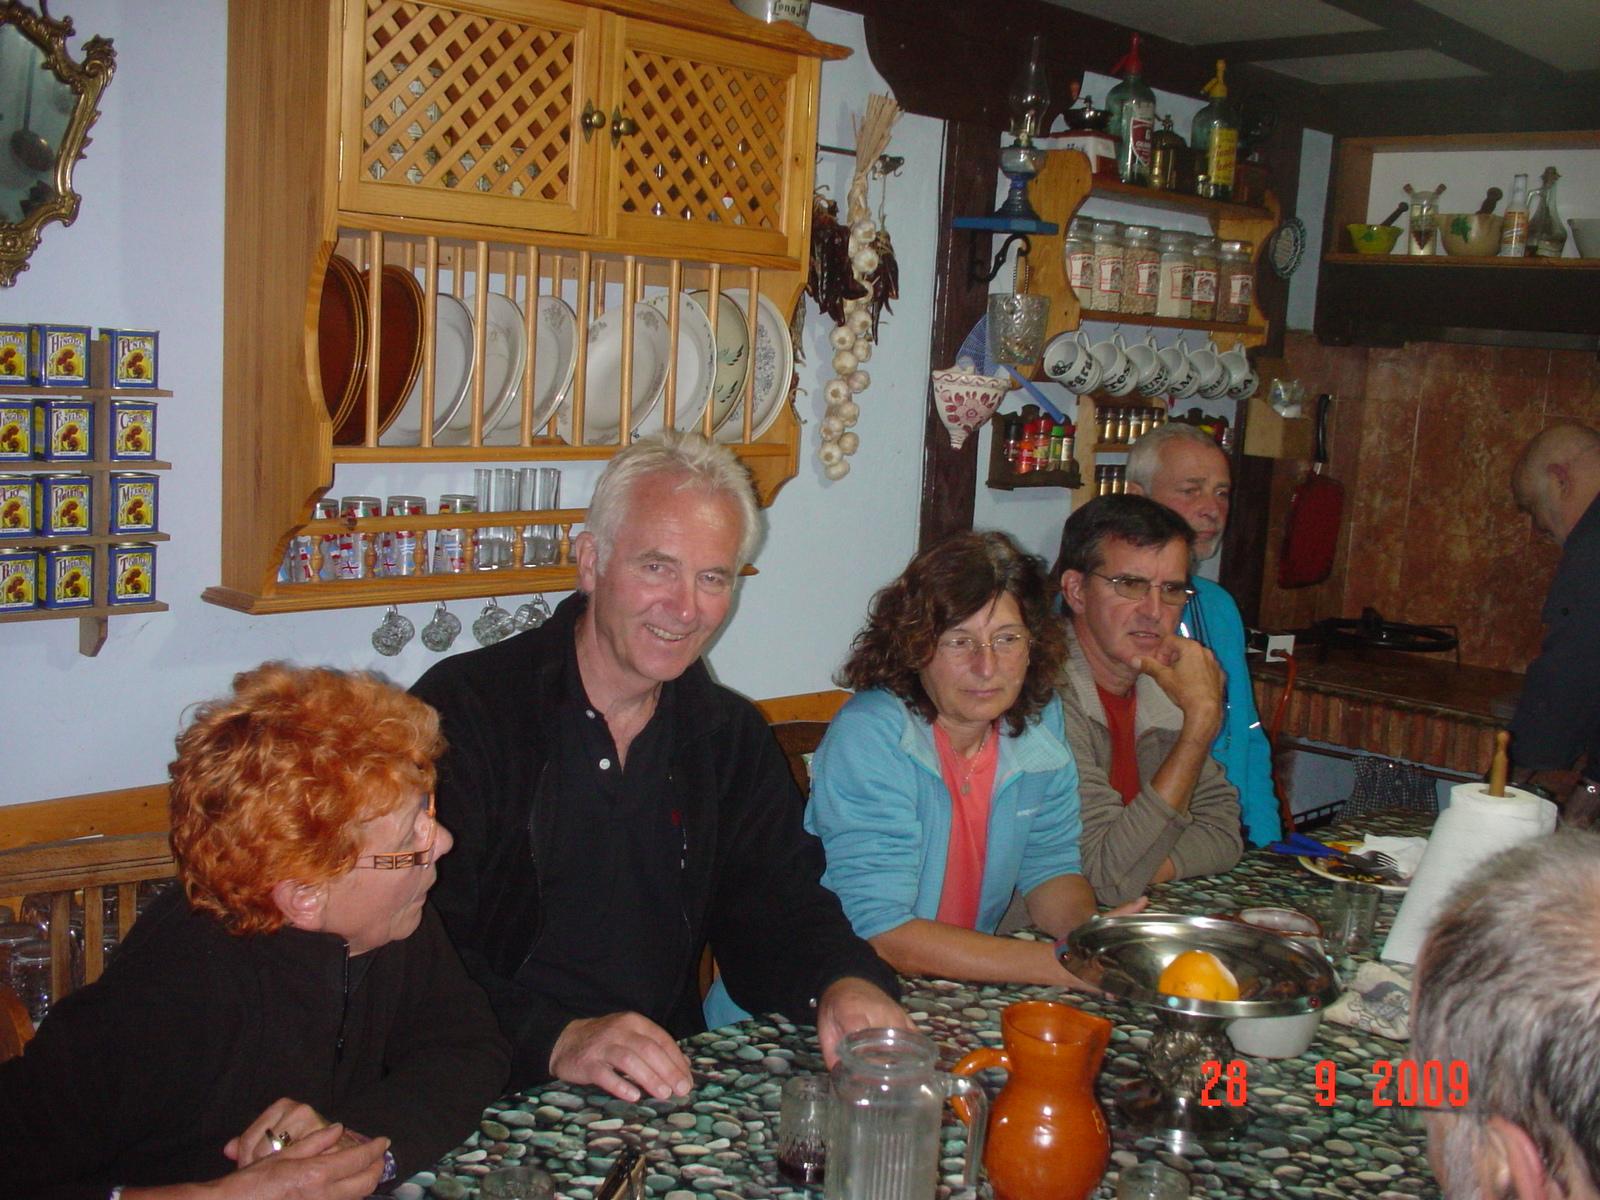 Albergo Pepe, gemütliche Pilgerrunde beim Abendessen